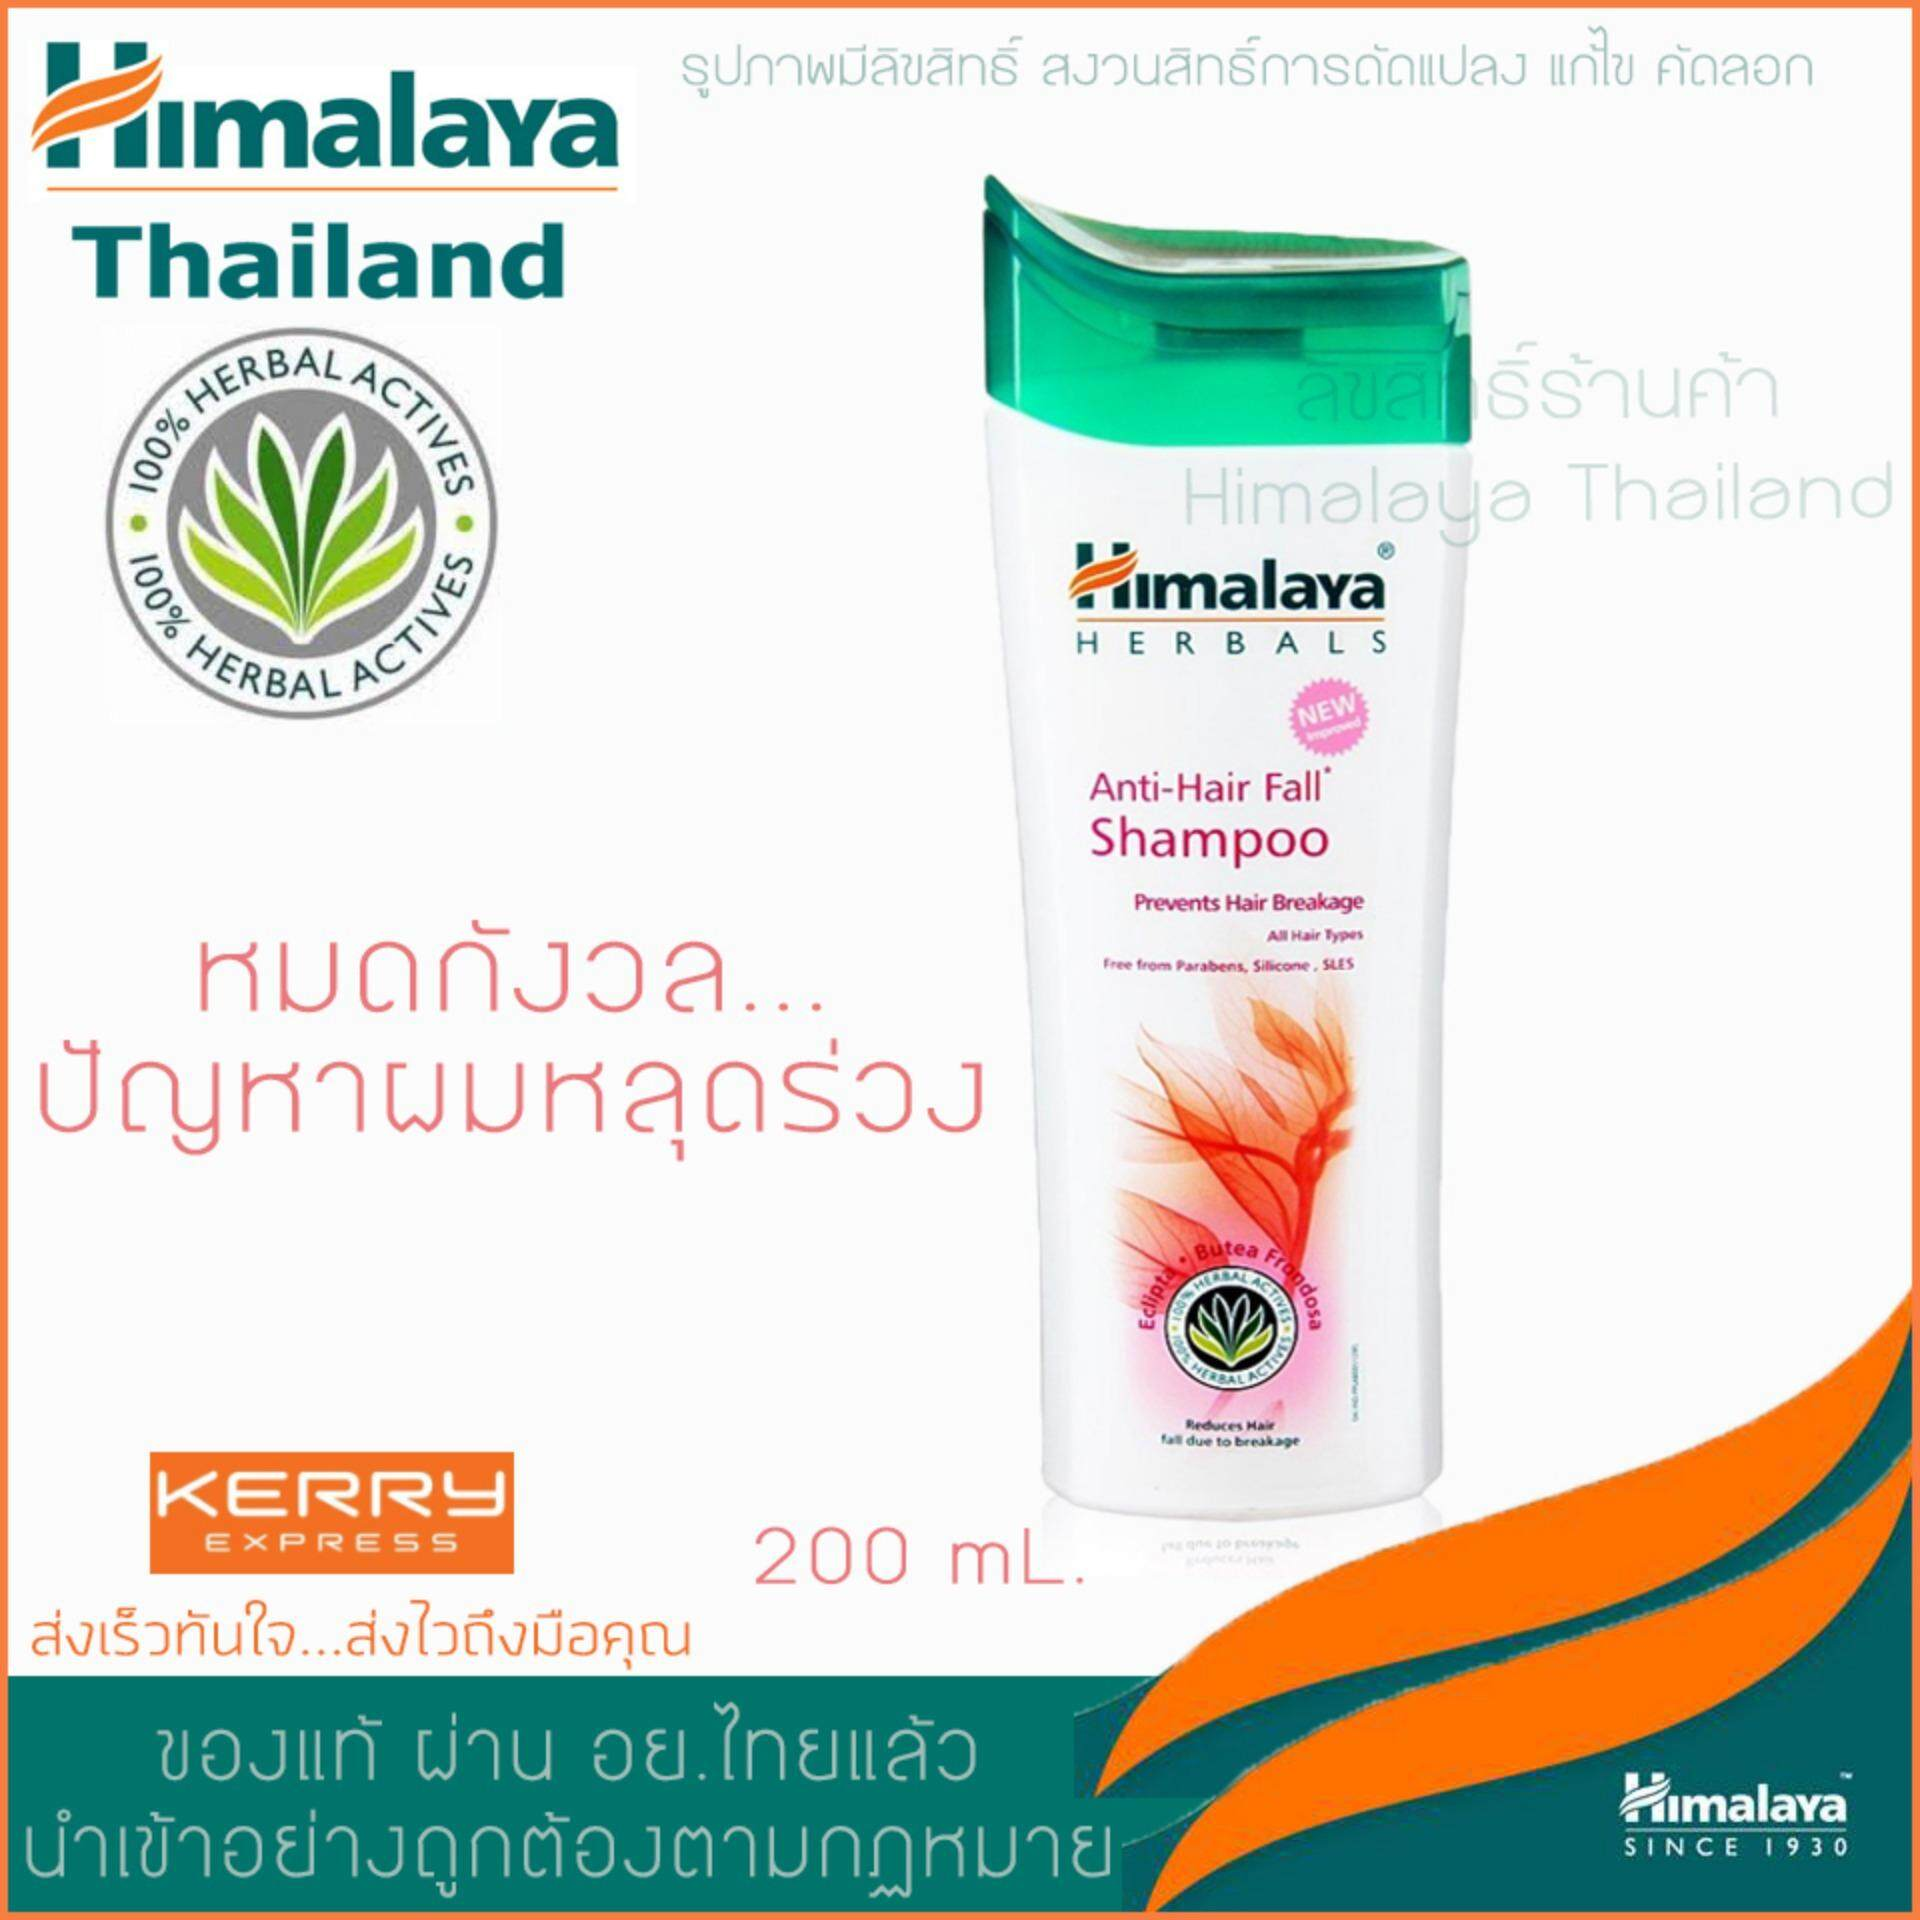 ทบทวน Himalaya Herbals Anti Hair Fall Shampoo 200Ml แชมพูหิมาลายาลดปัญหาผมร่วง ฮิมาลายาแชมพู Himalaya